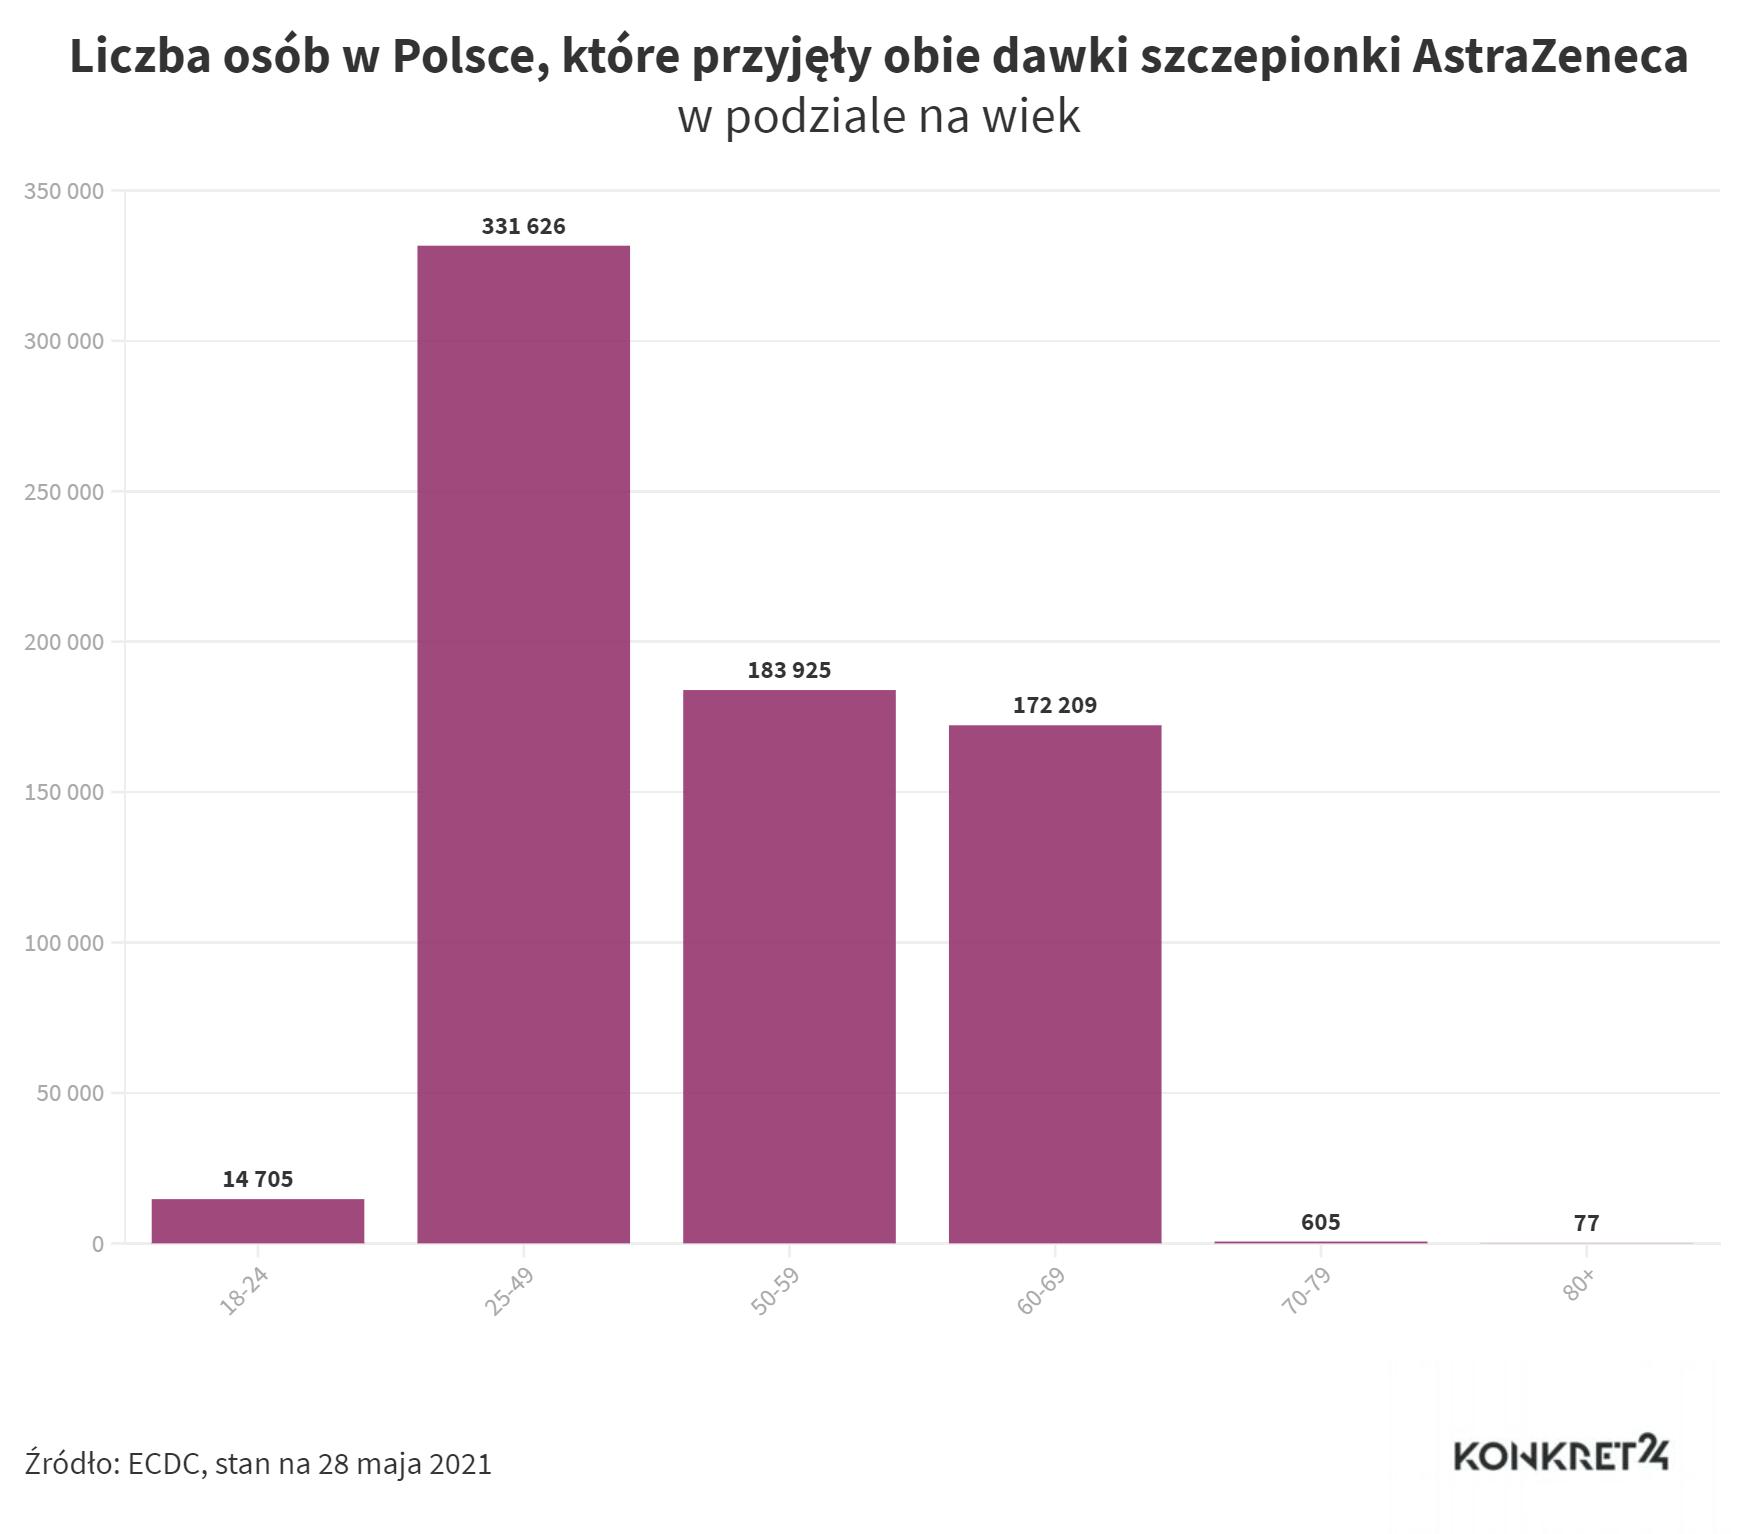 Liczba osób w Polsce, które przyjęły obie dawki szczepionki AstraZeneca stan na 28 maja 2021)